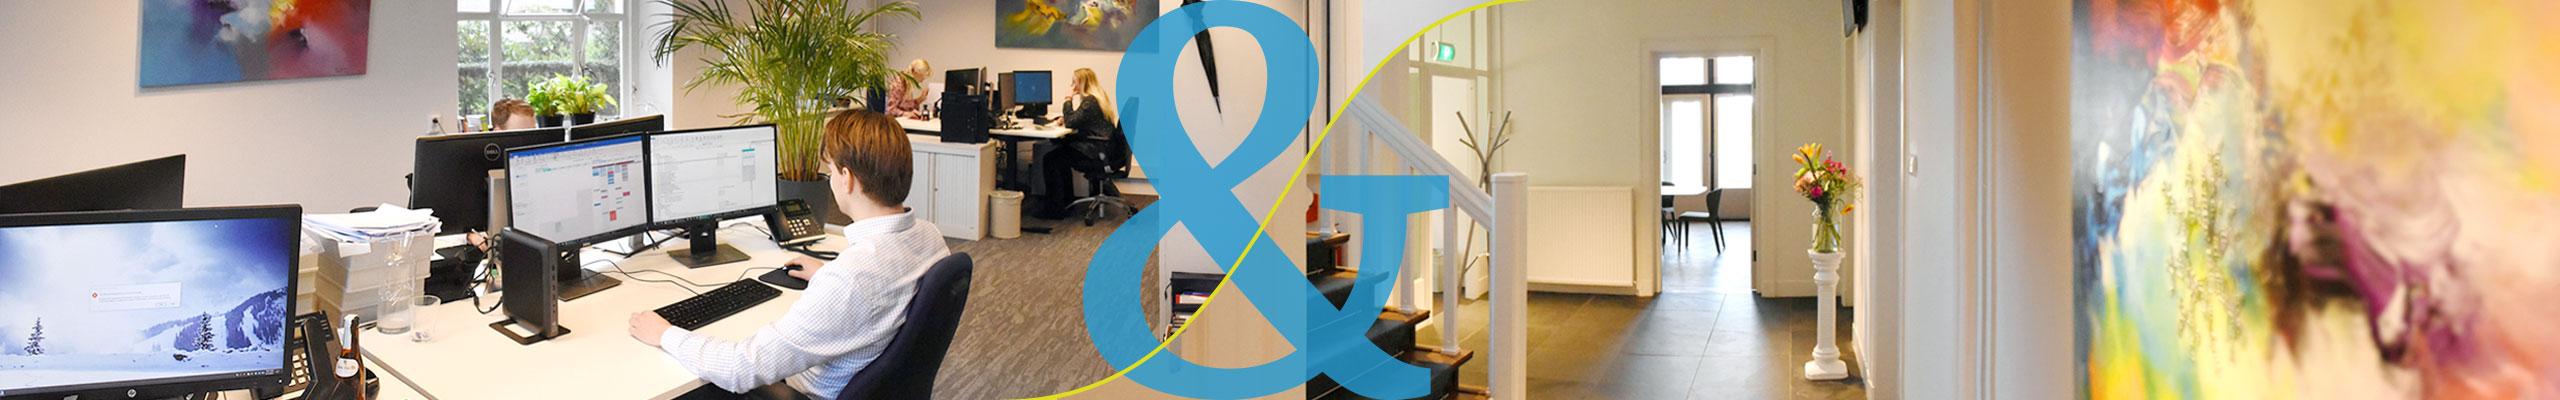 Meester & Kuiper Accountants en belastingadviseurs Hilversum